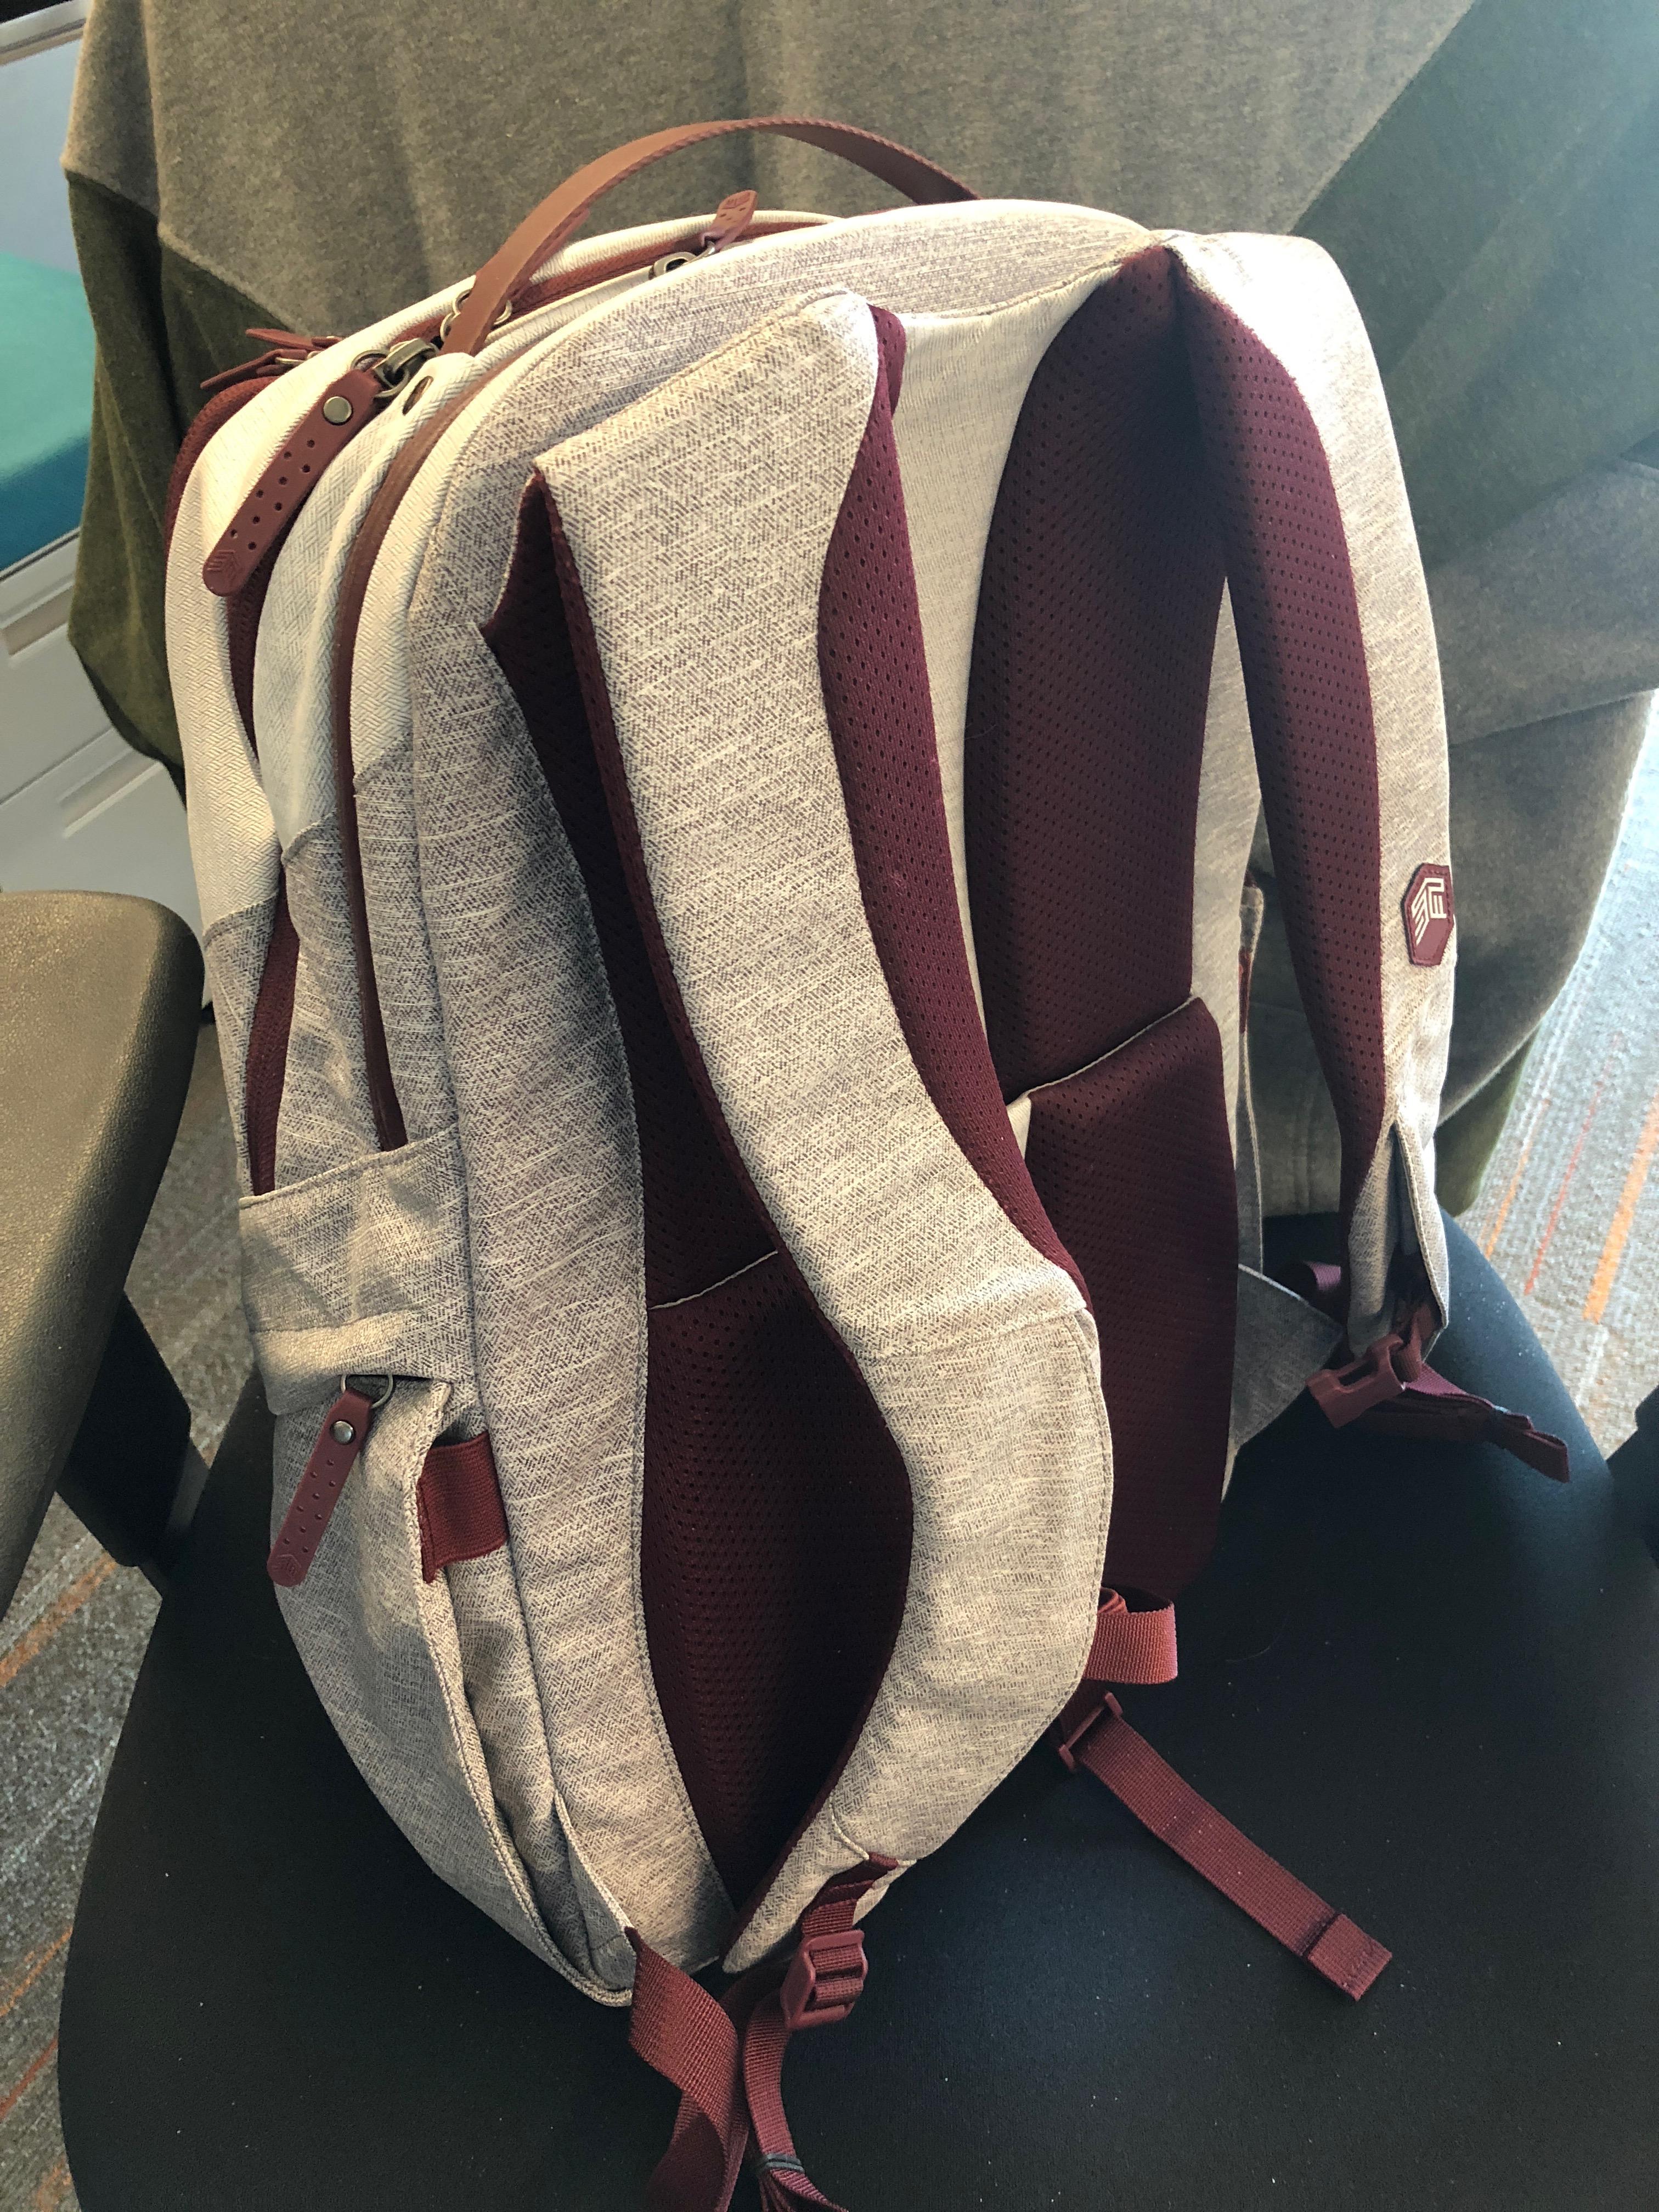 STM Myth 28 liter backpack review – The Gadgeteer